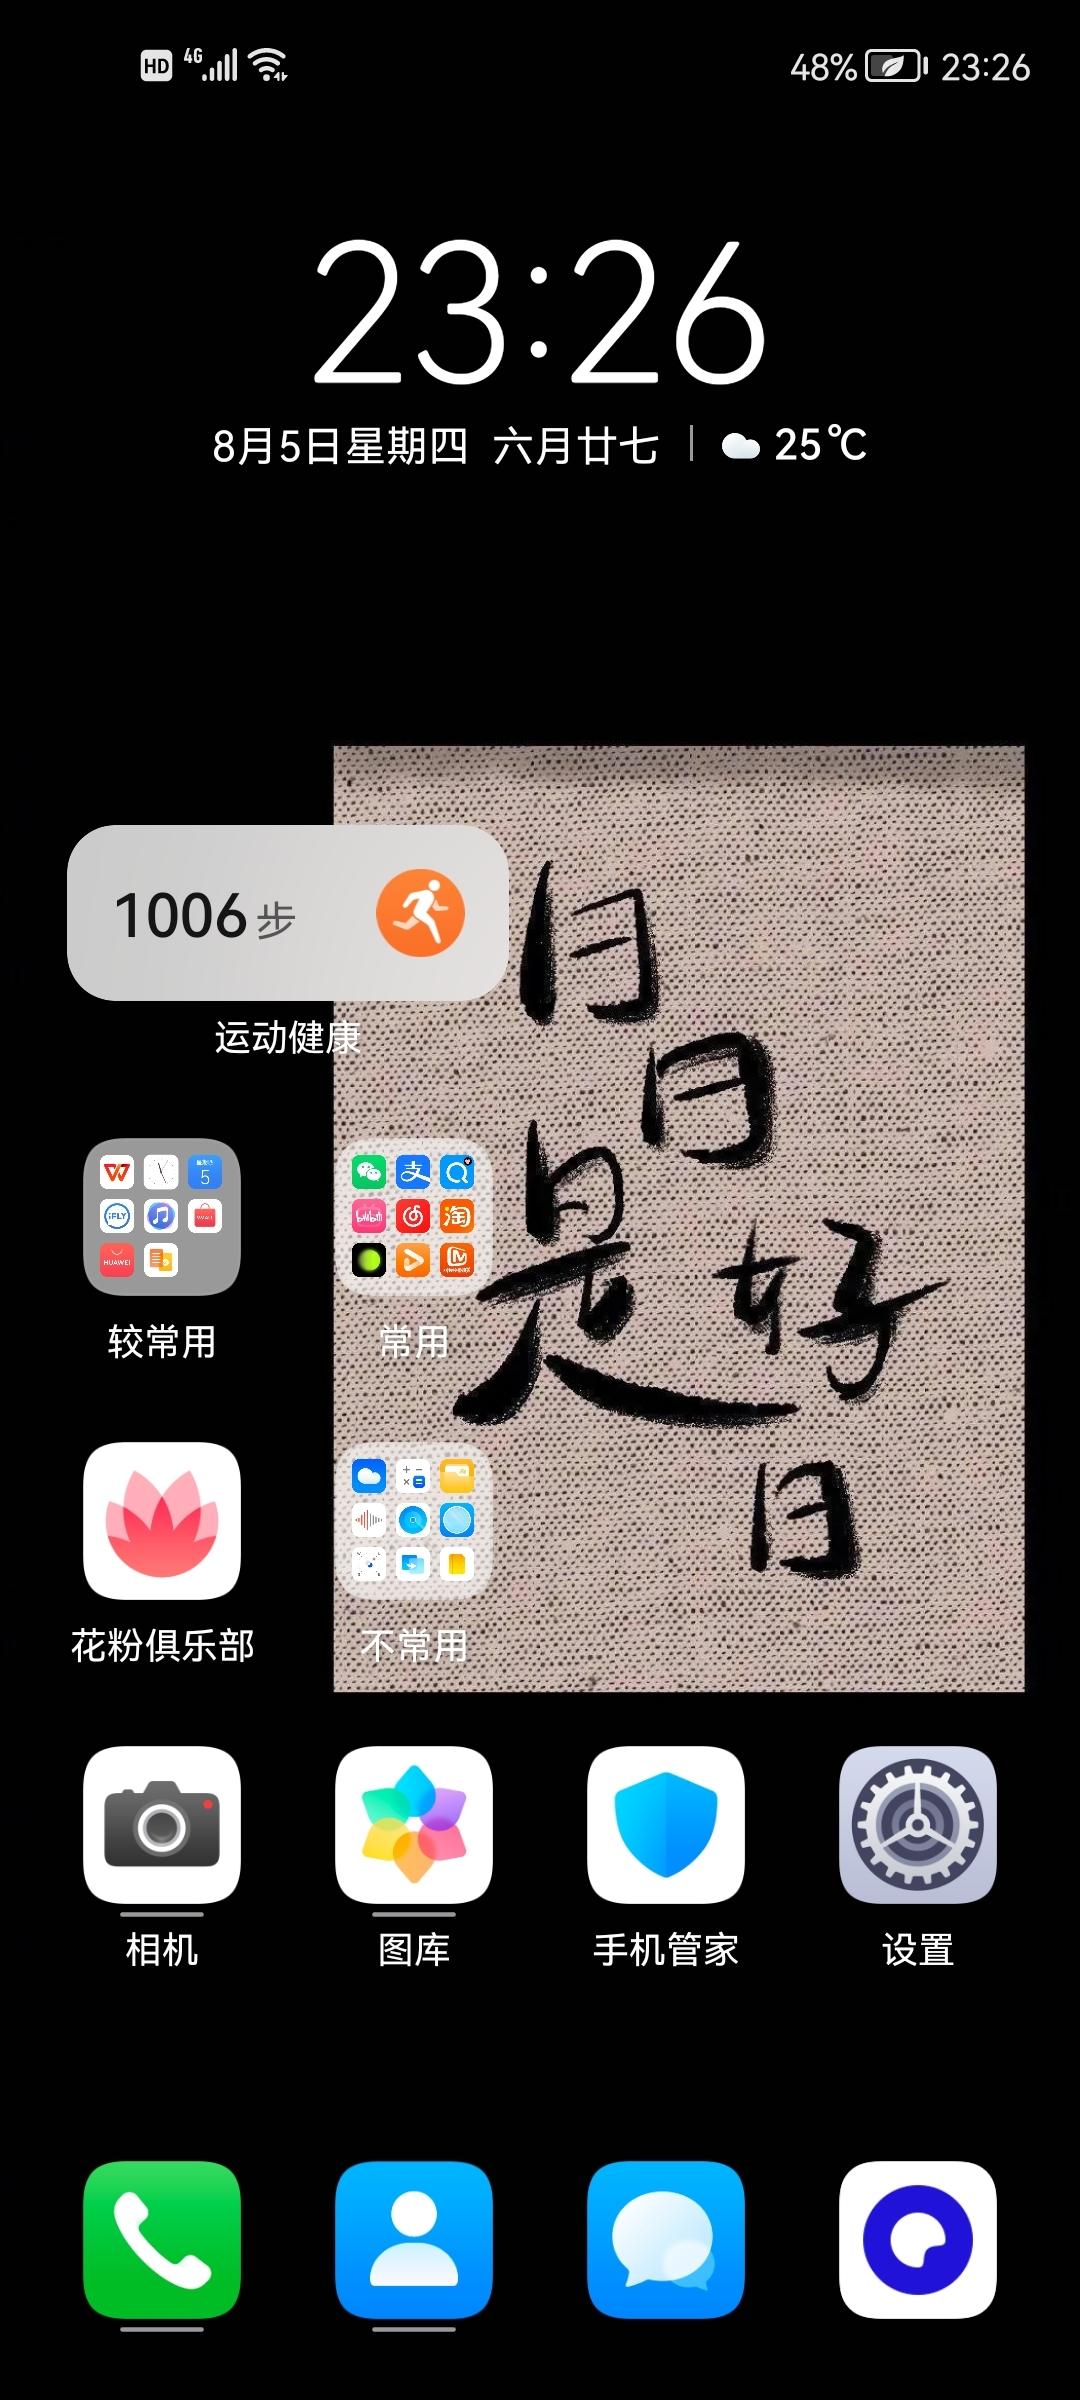 Screenshot_20210805_232607_com.huawei.android.launcher.jpg